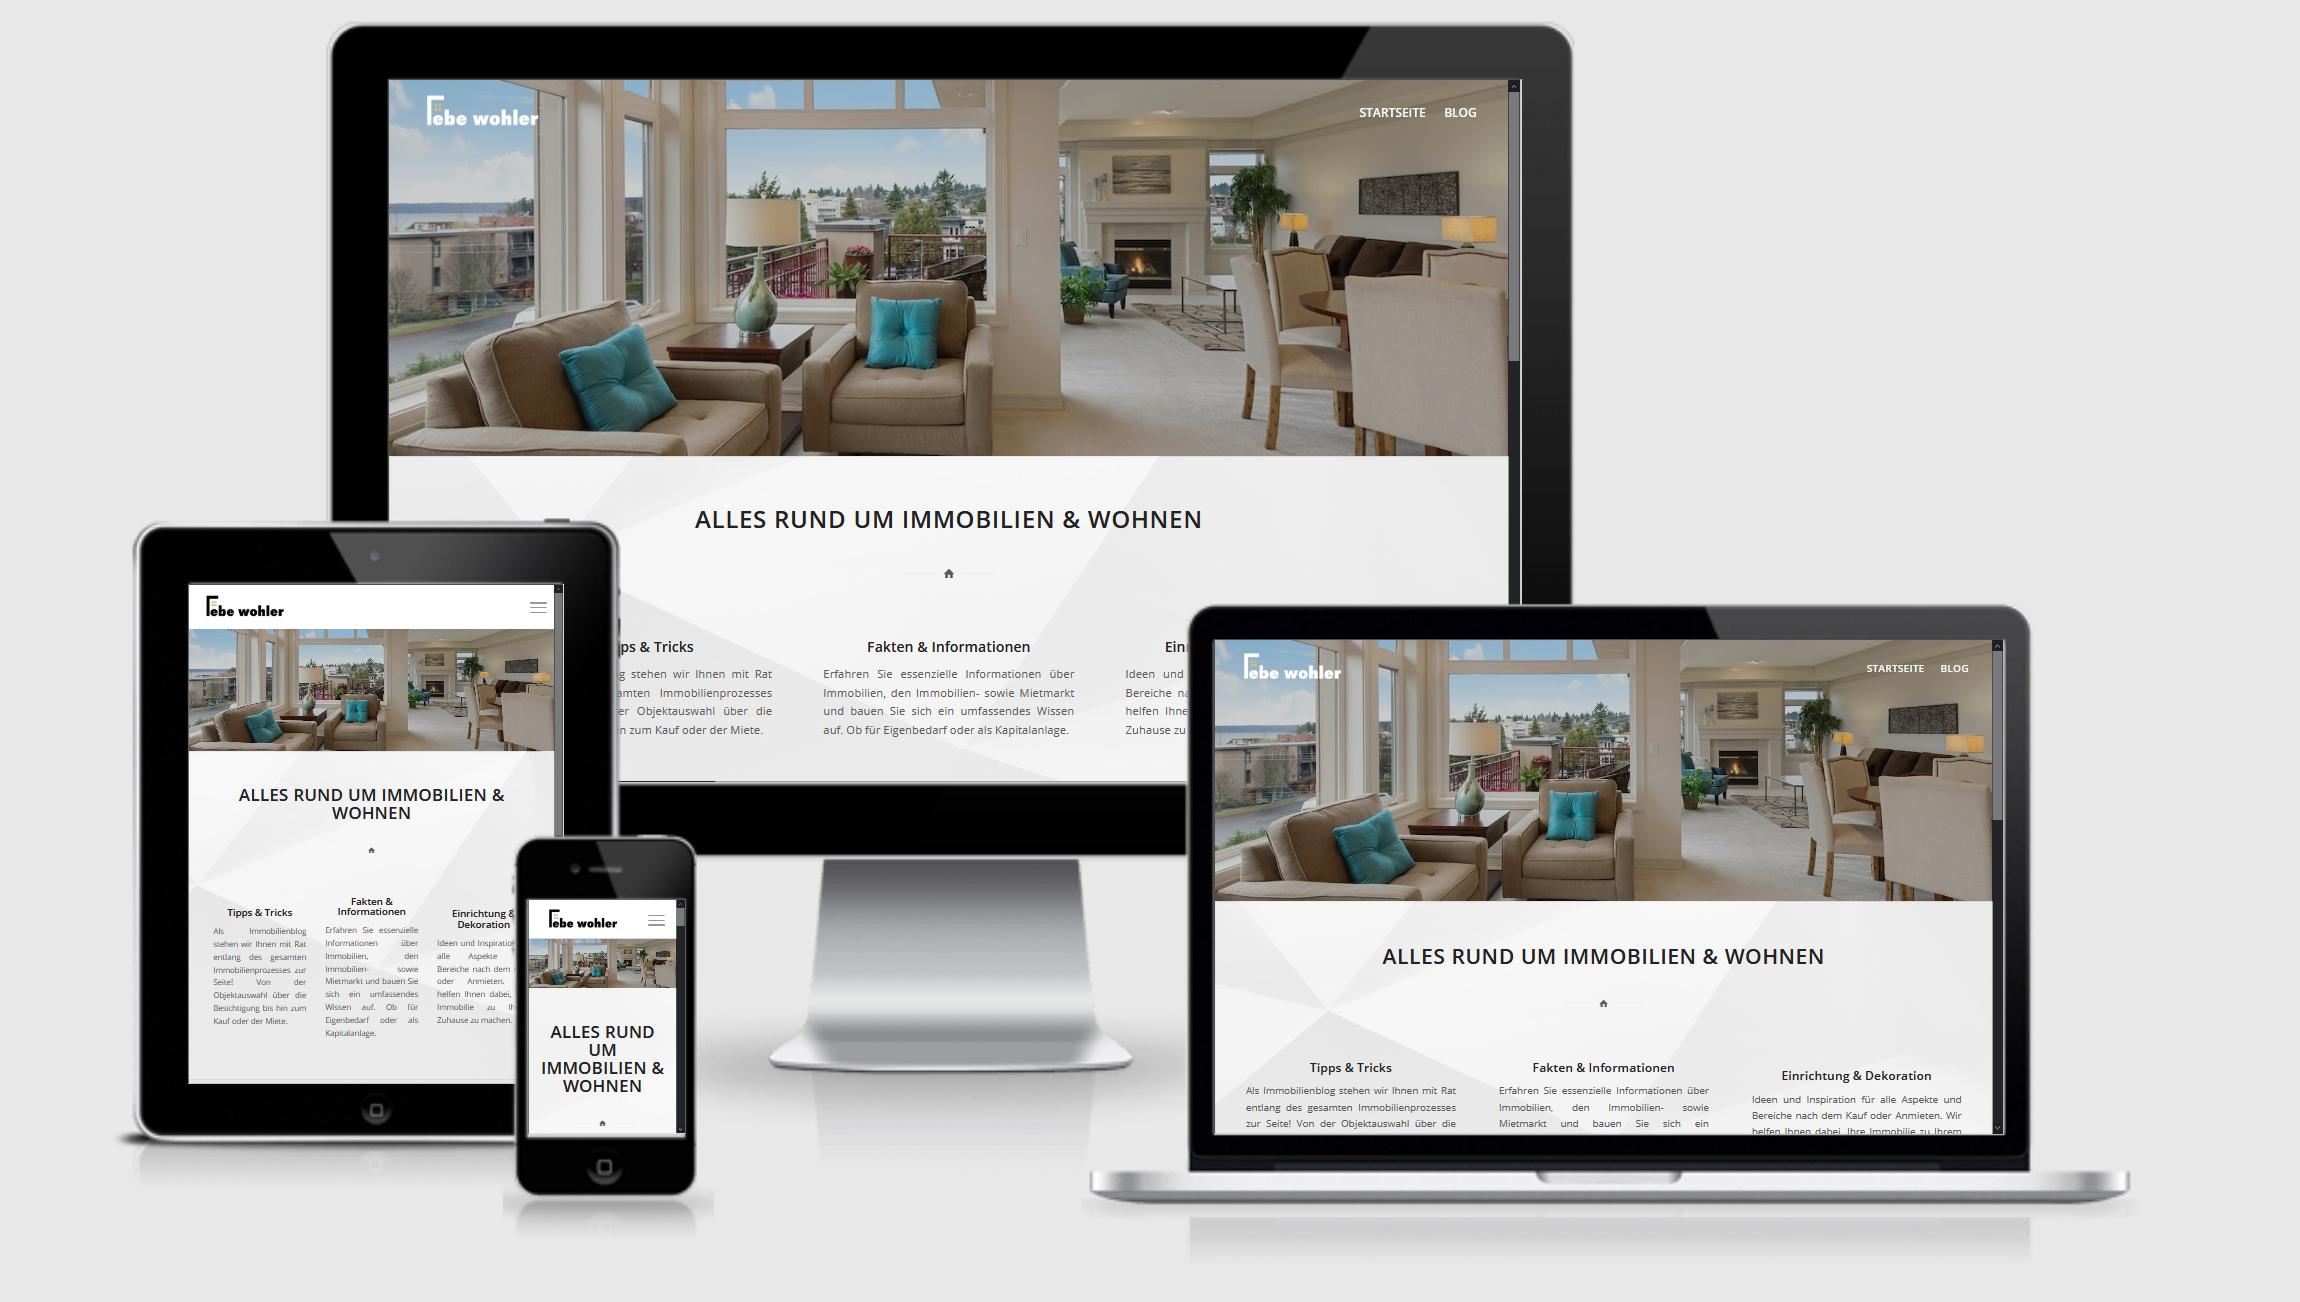 lebewohler.de Immobilien Blog und Wohnen